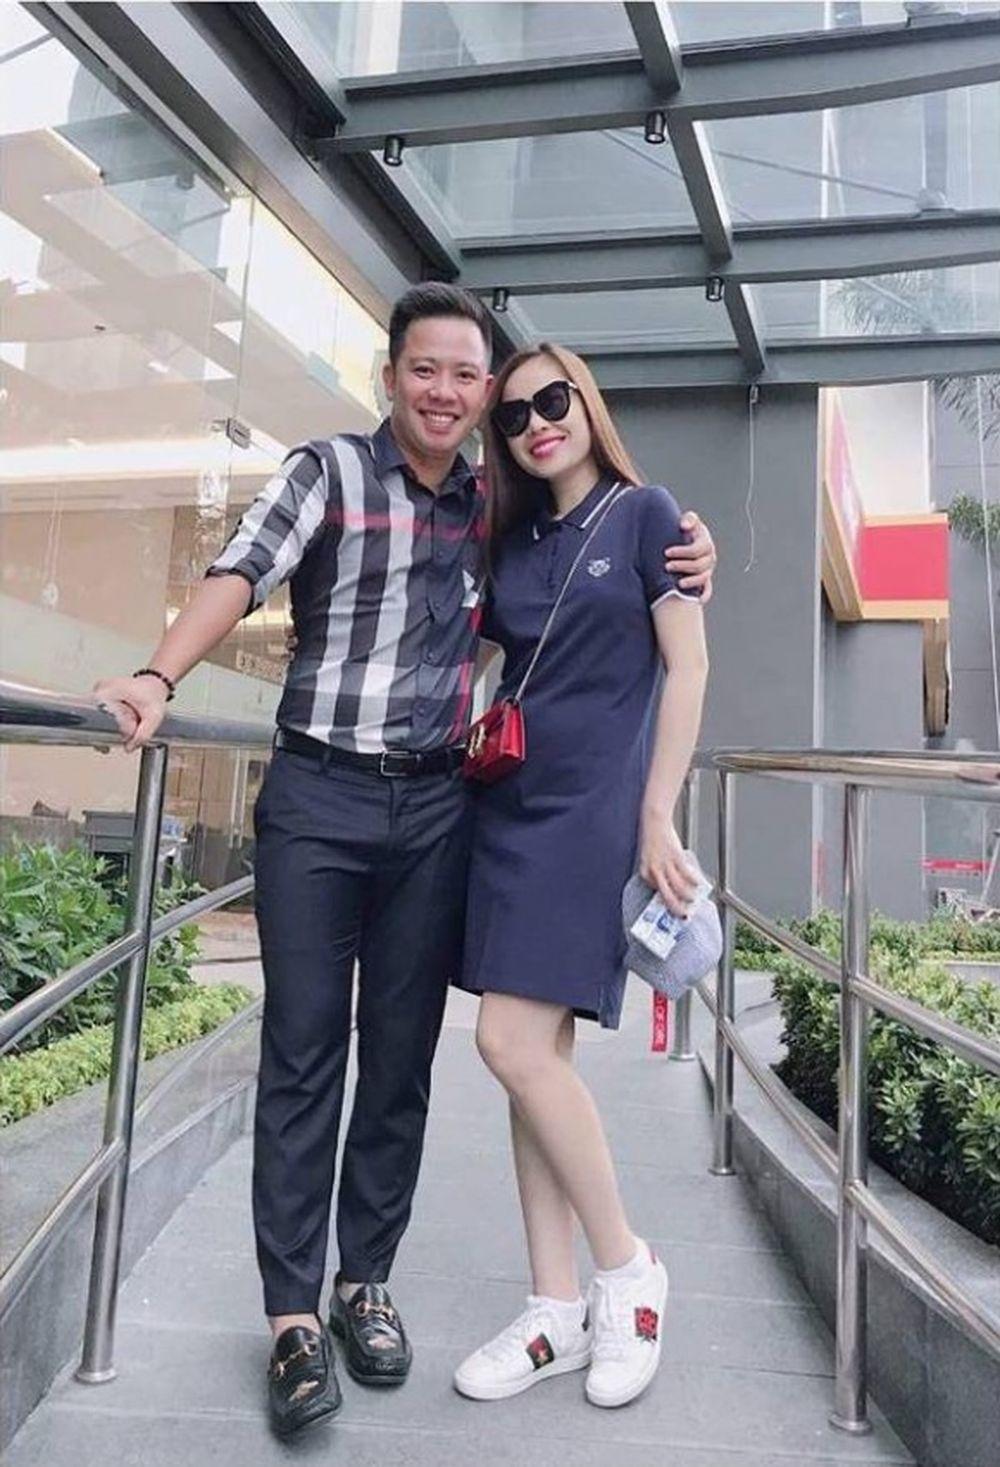 Nghi Vấn Nữ Ca Sĩ Mang Thai Xuất Phát Từ Những Tấm Hình Tình Cảm Của Cô Và  Bạn Trai Đăng Tải Trên Trang Cá Nhân.